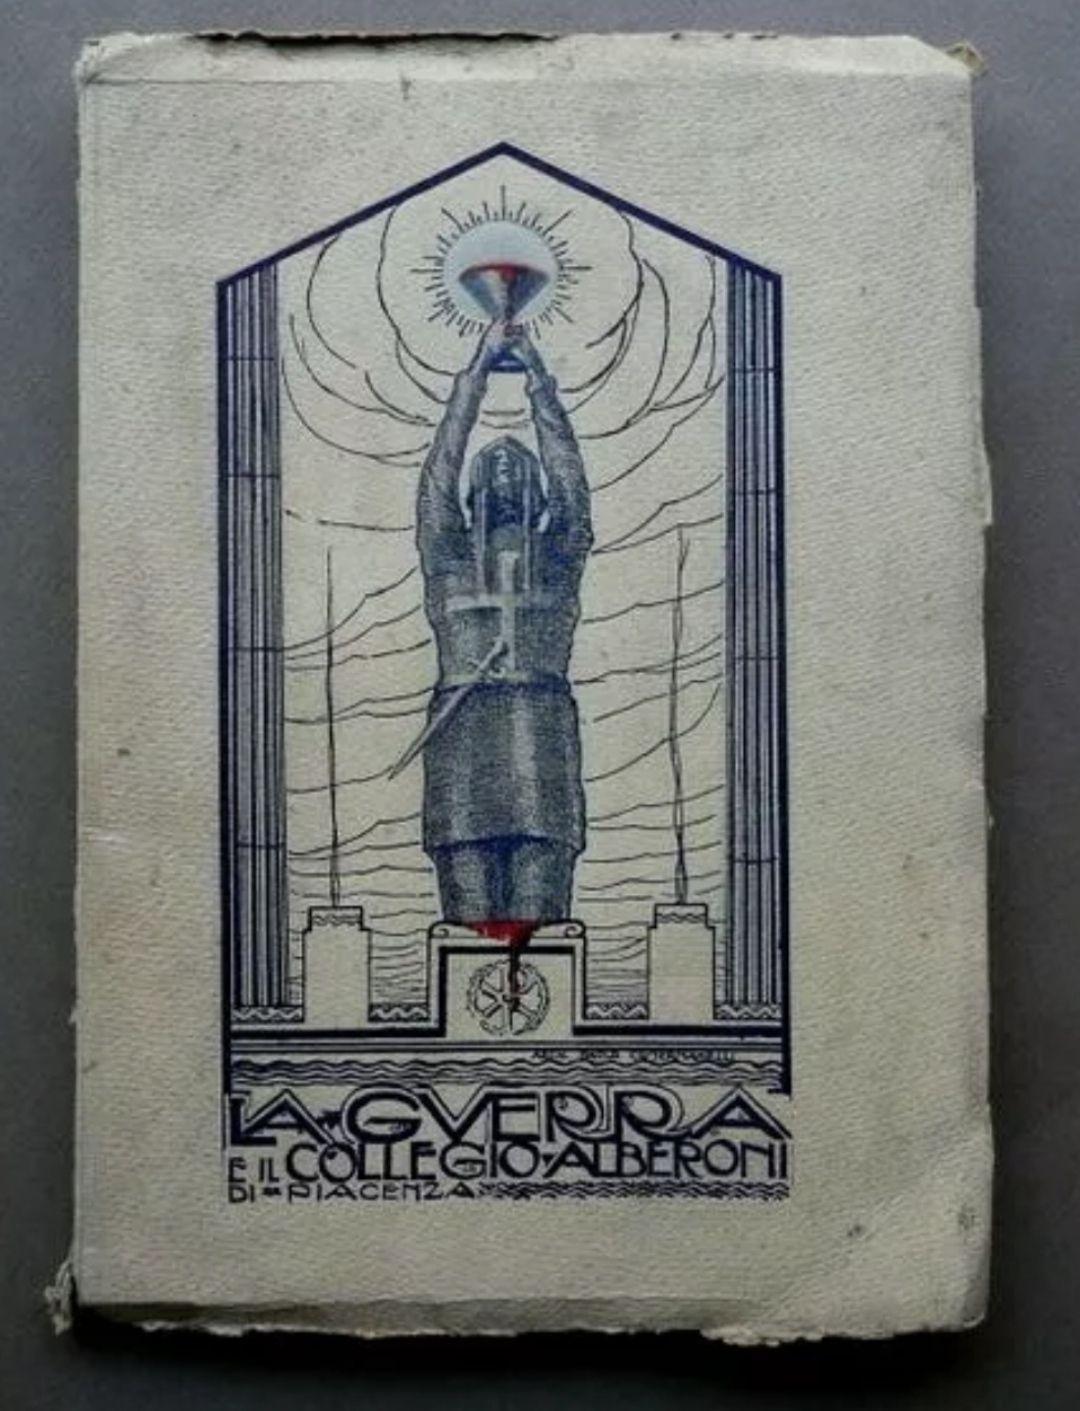 La guerra e il collegio Alberoni di Piacenza Biografie Caduti Feriti 1922